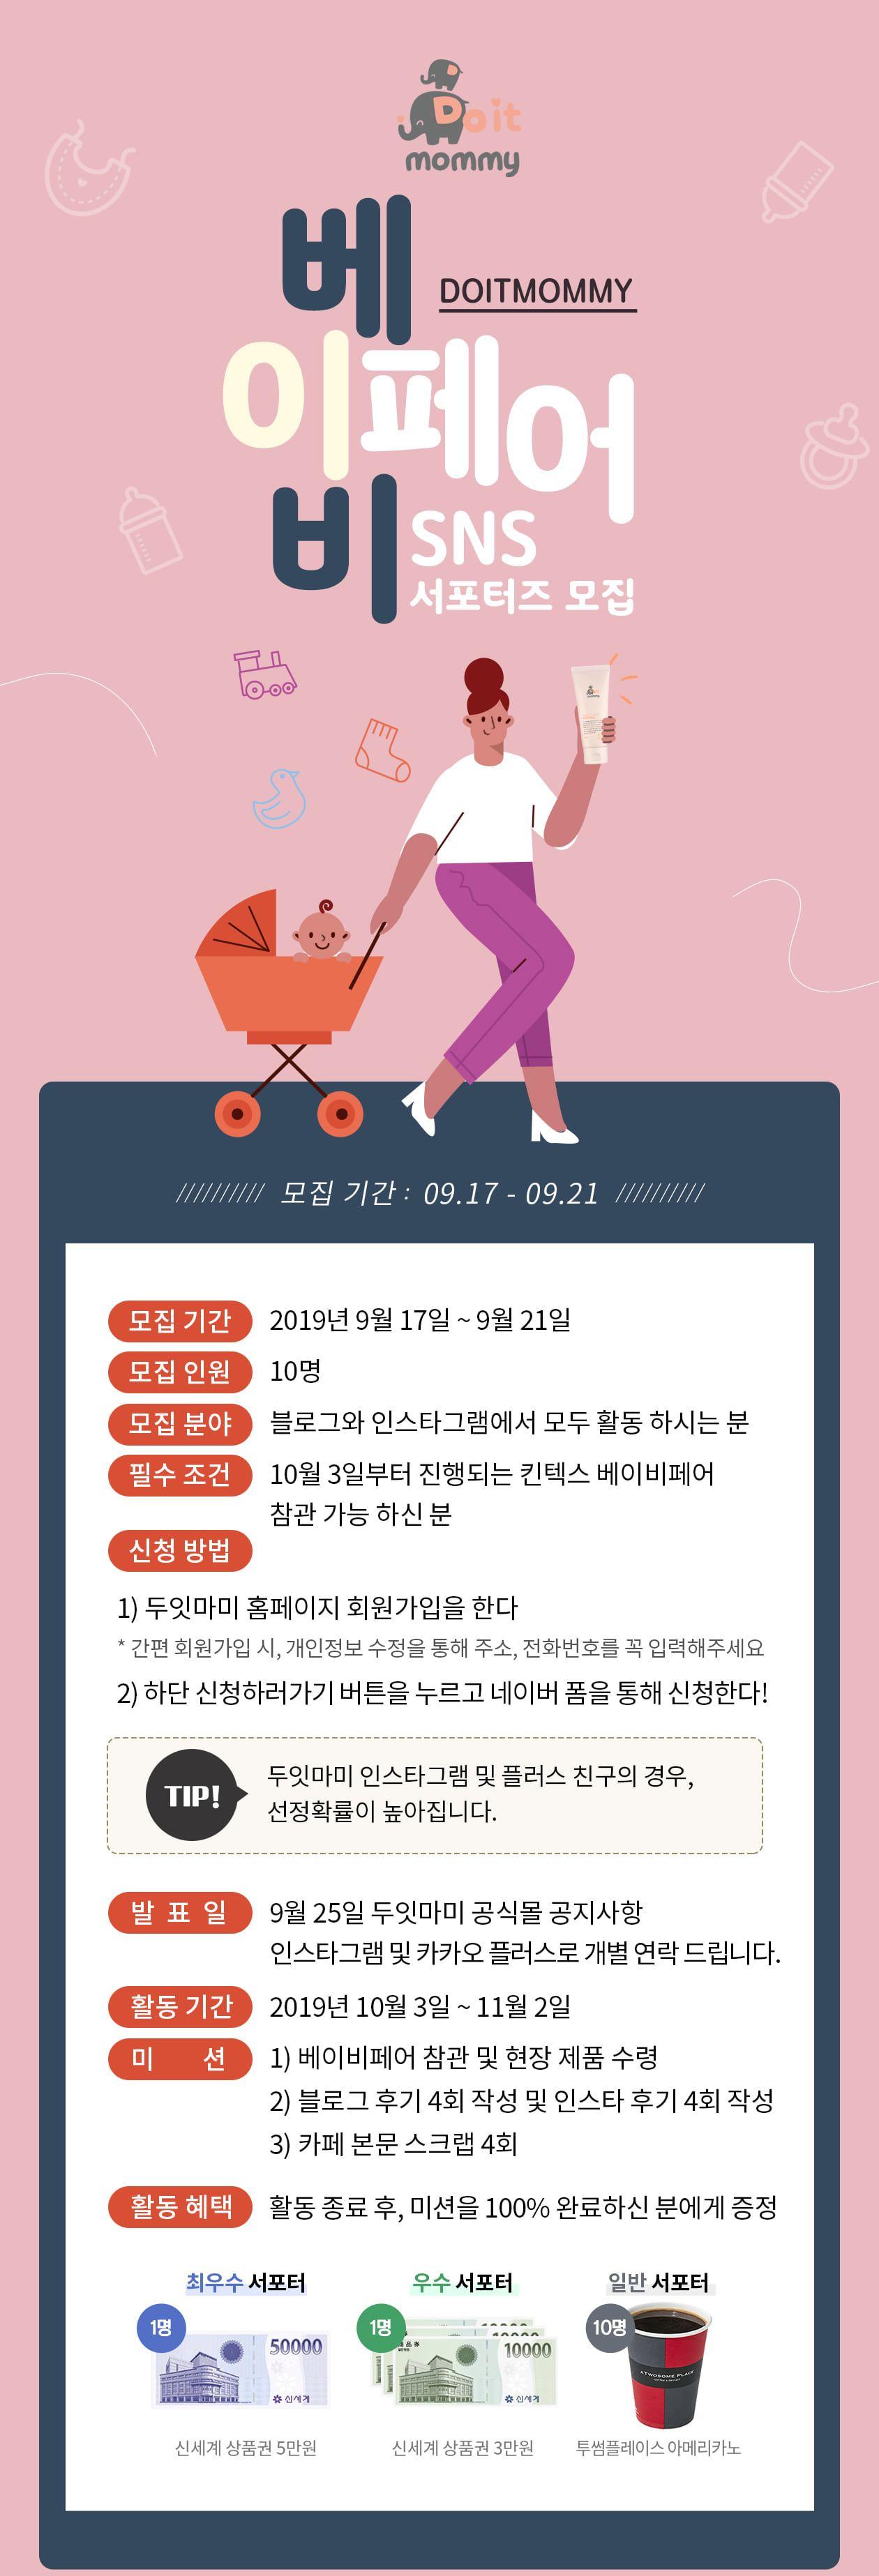 두잇마미 베이비페어 SNS 서포터즈 모집